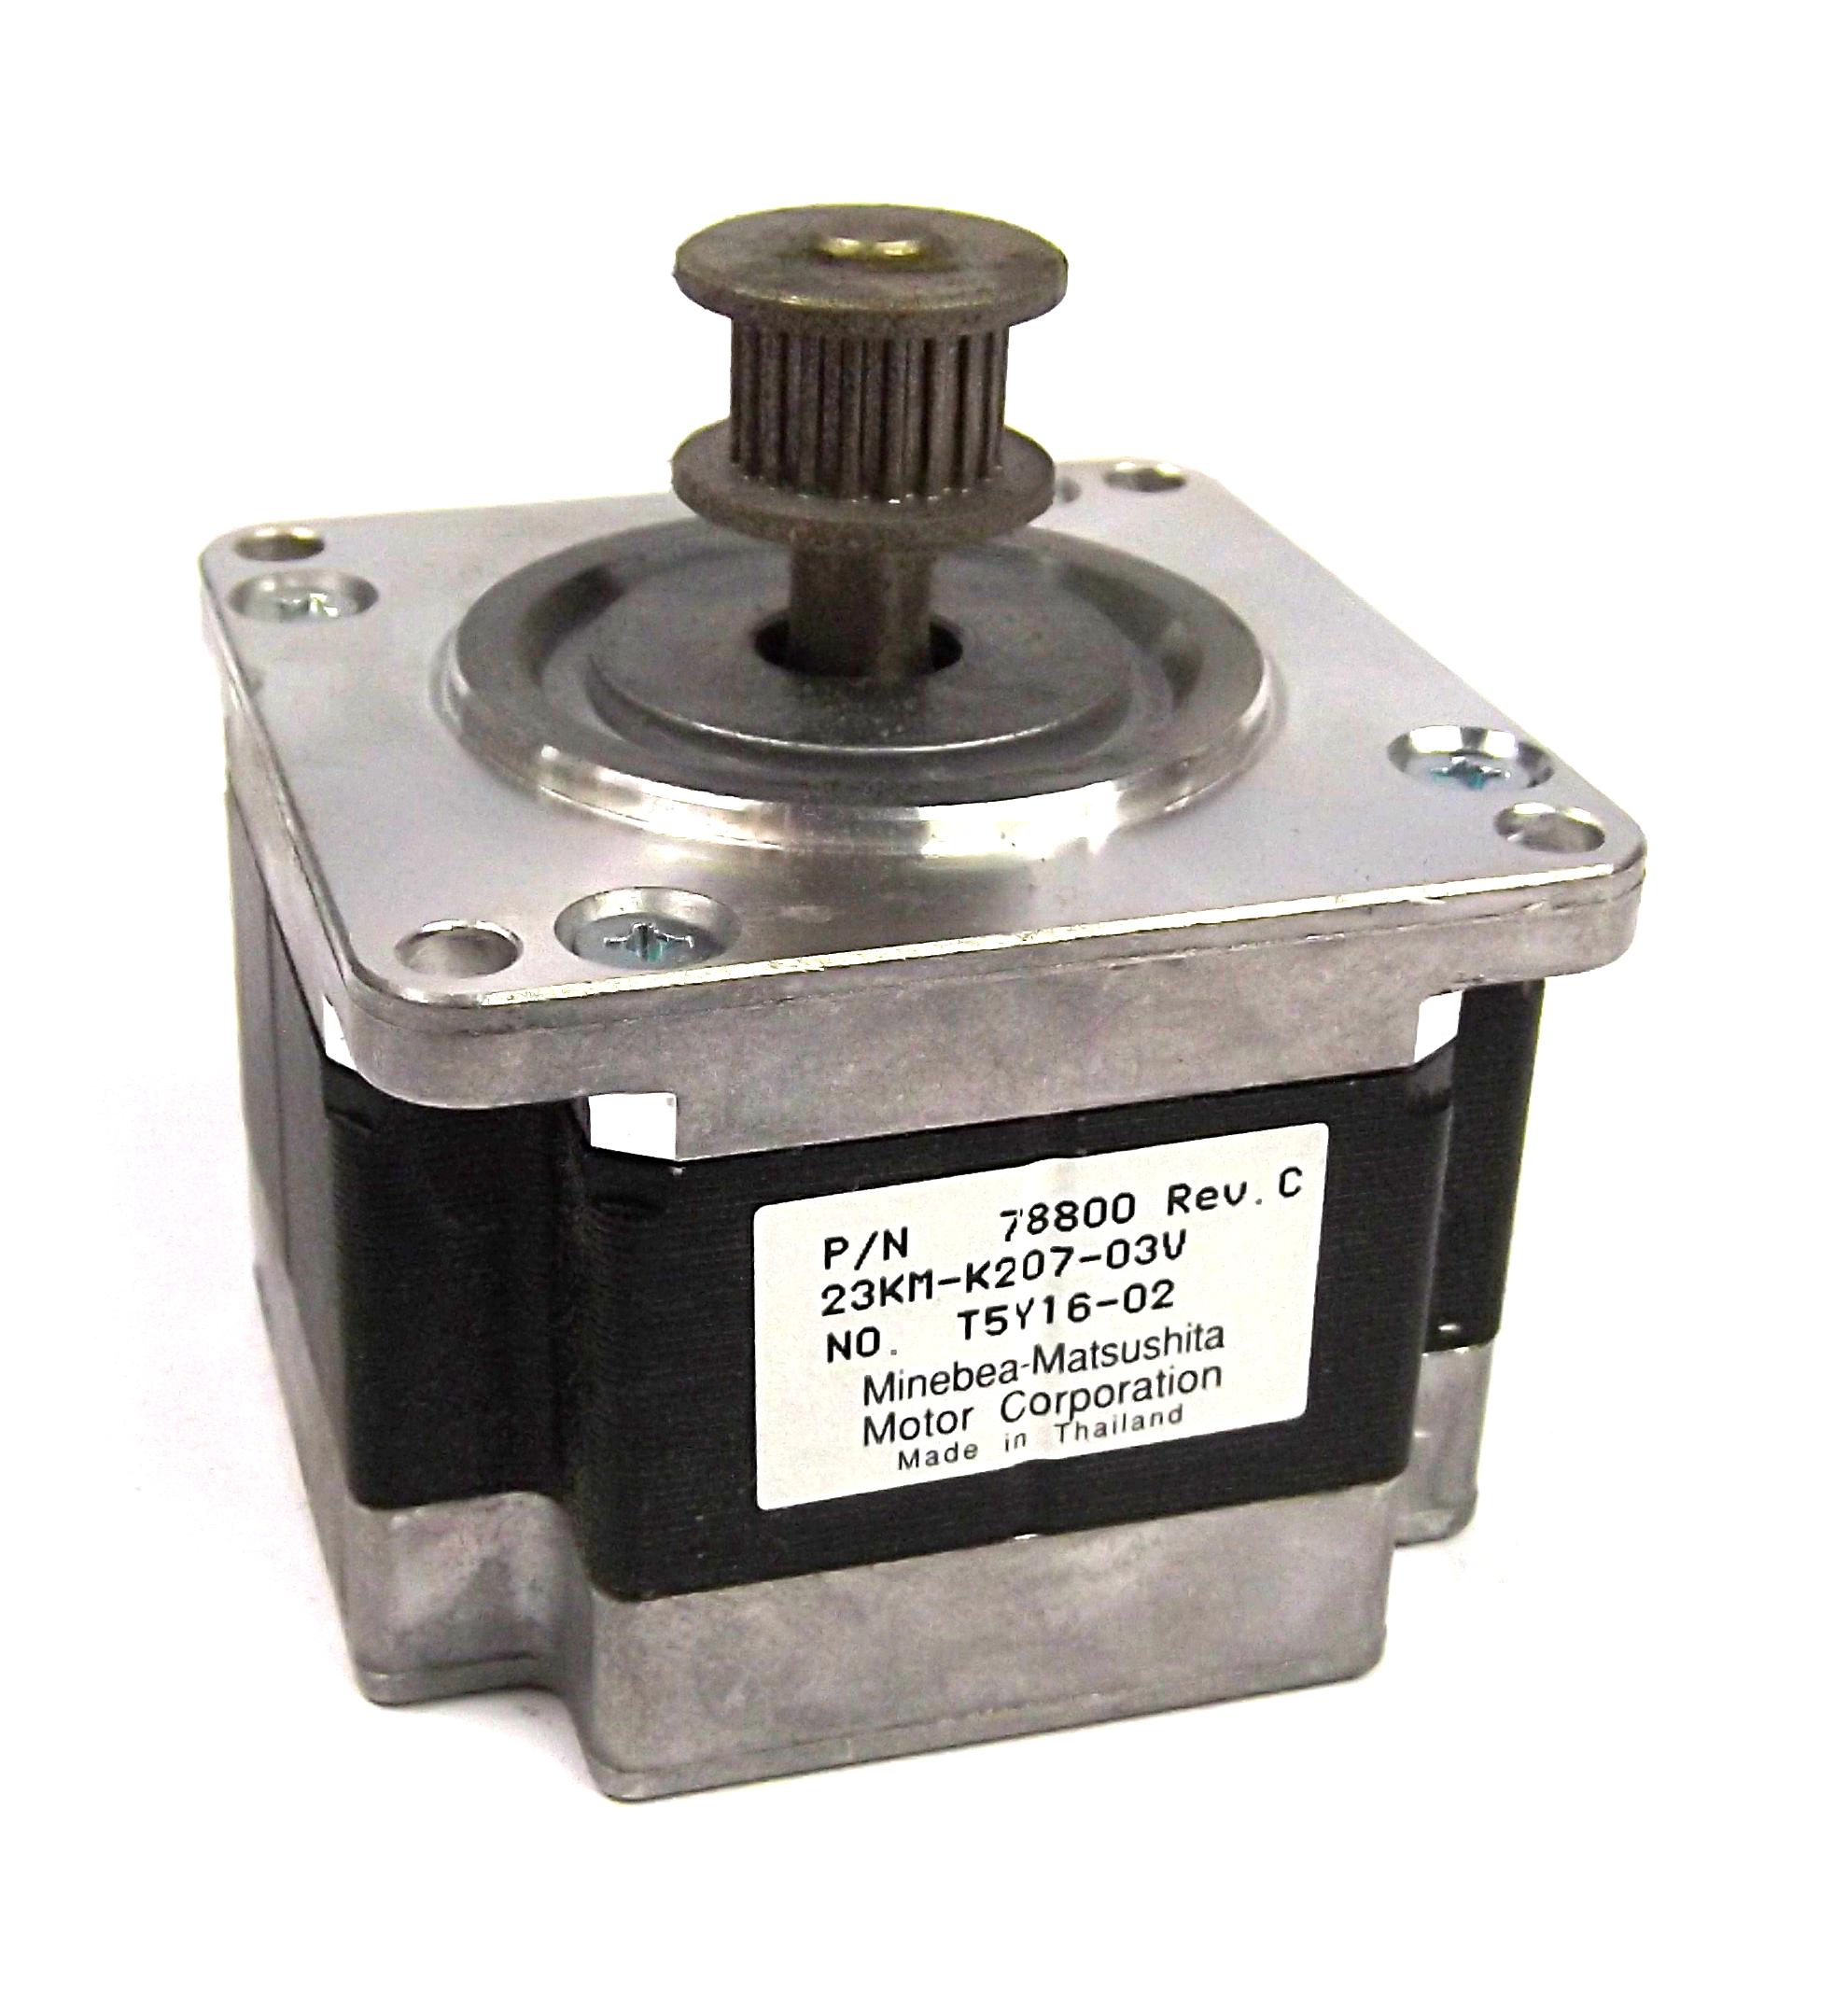 Zebra 78800 S600 Thermal Printer Stepper Motor - 23KM-K207-03V